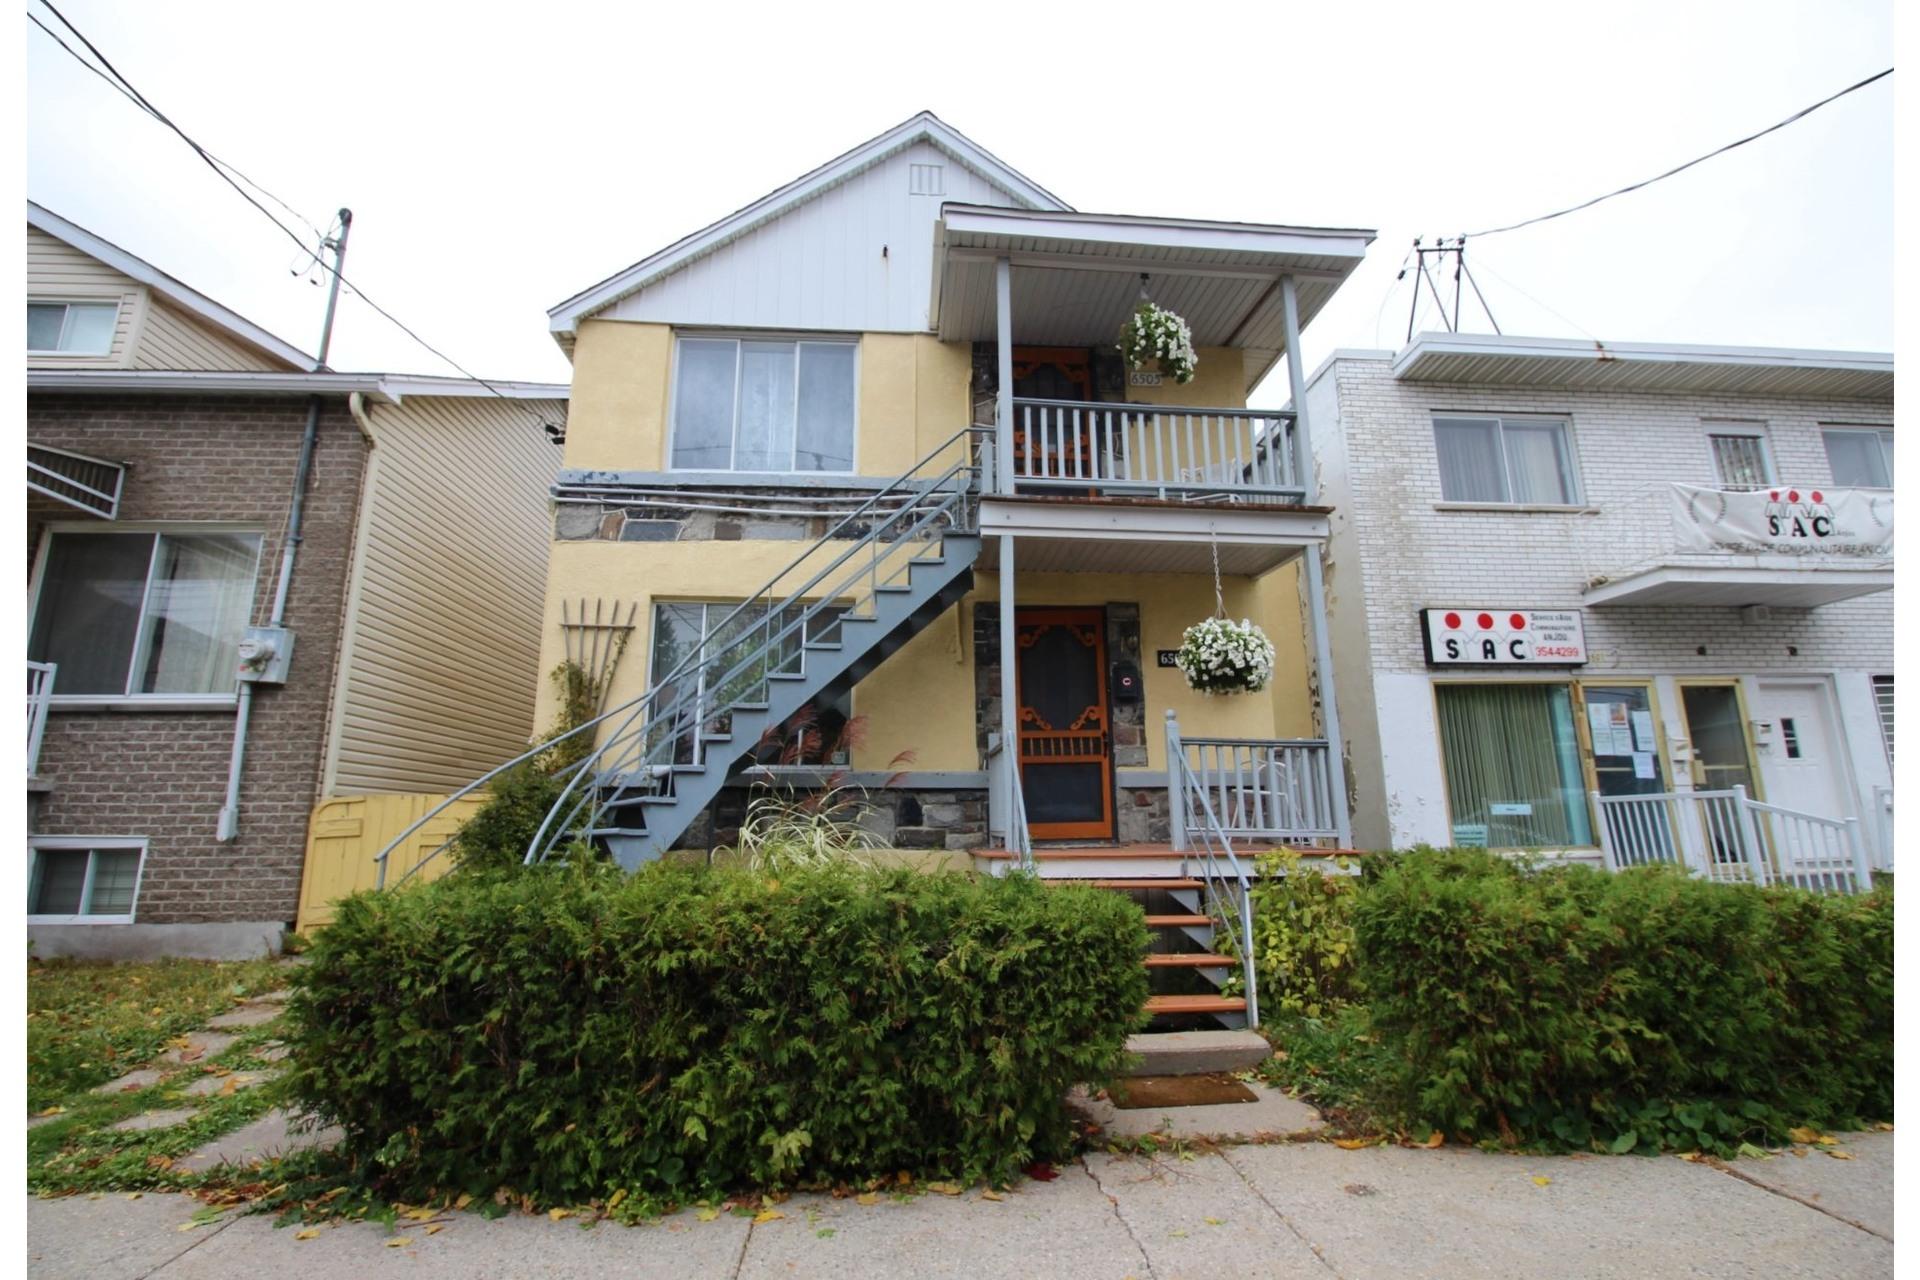 image 29 - Duplex À vendre Montréal Anjou  - 4 pièces